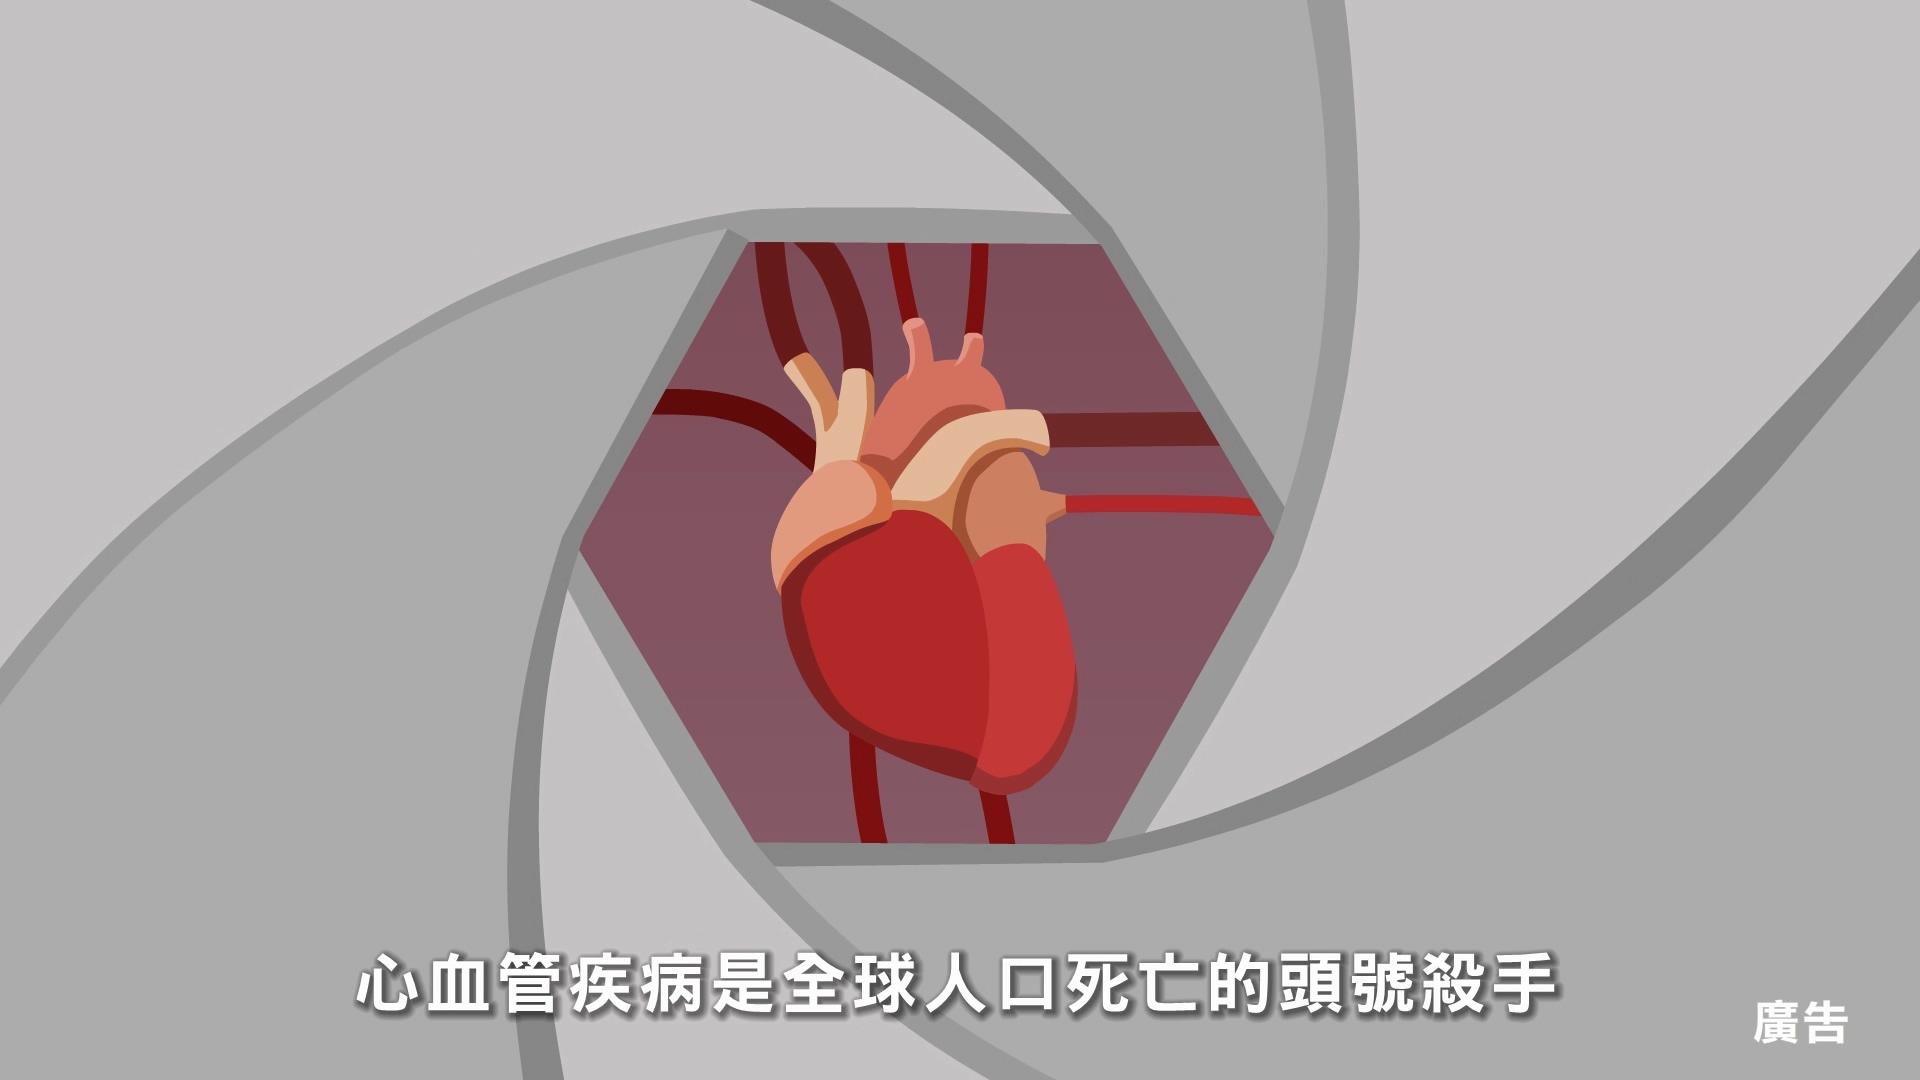 預防心血管疾病 危險因子篇 30秒短片 (台語版)